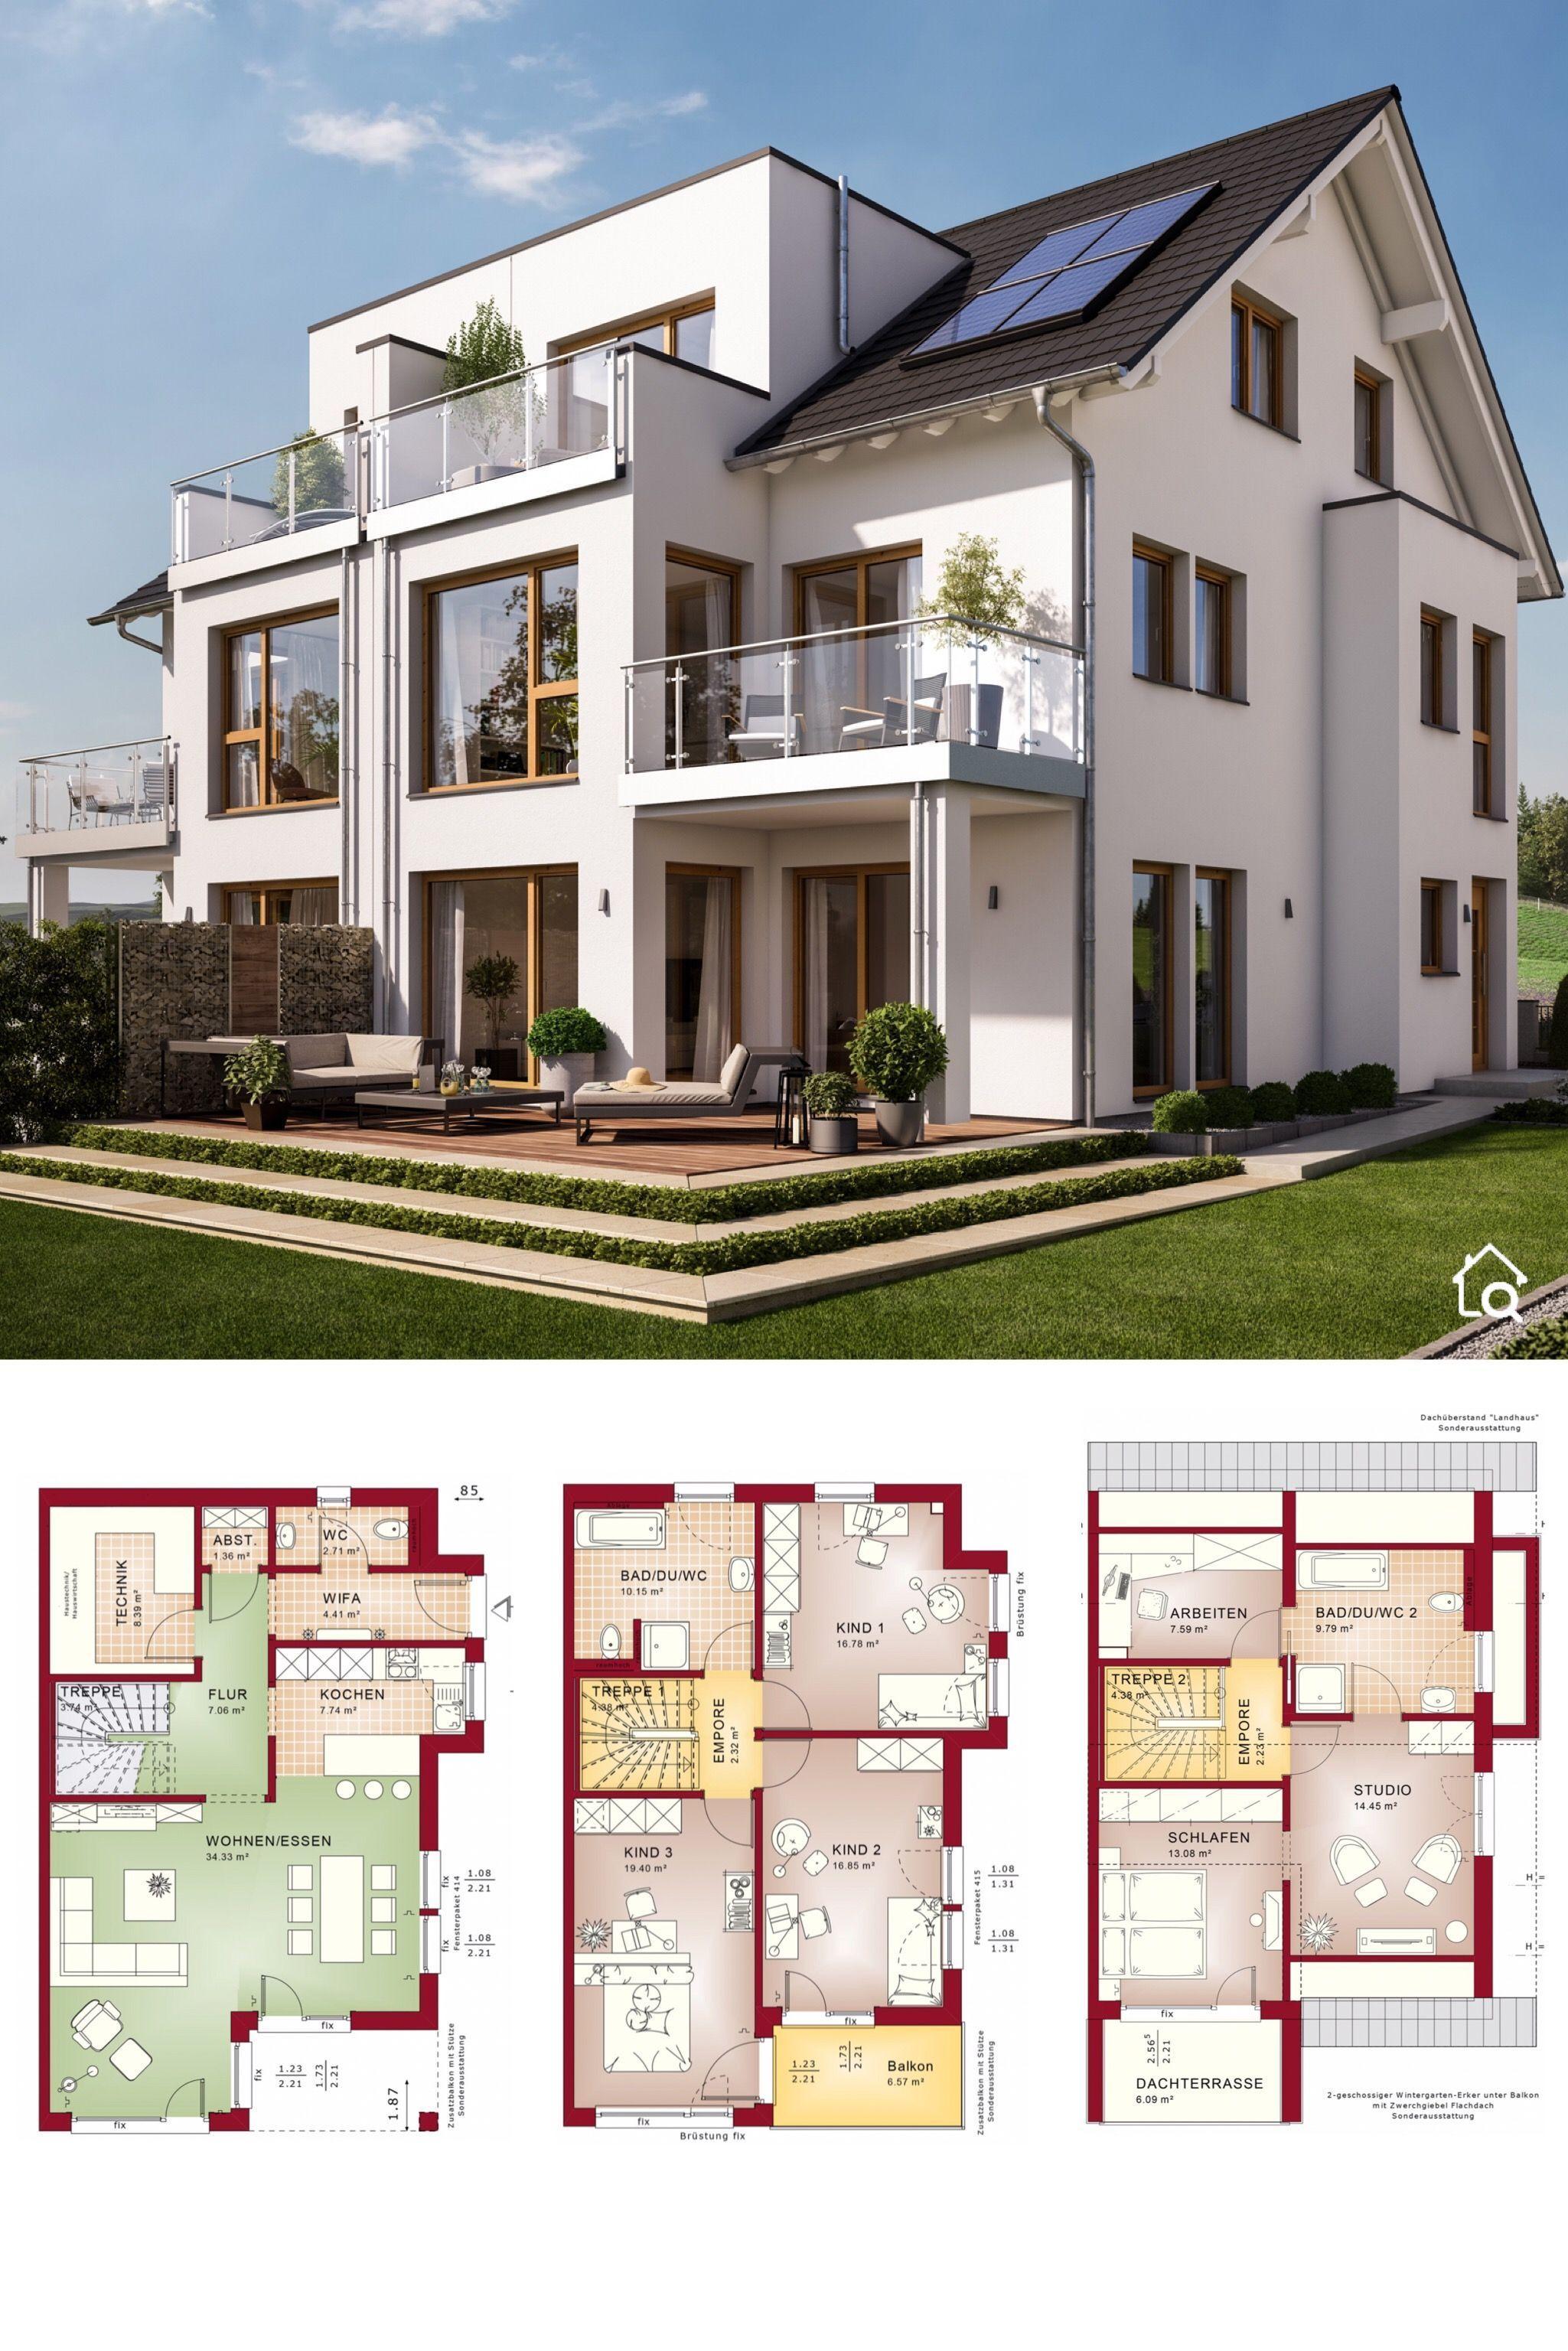 Modernes Doppelhaus, Grundriss groß mit Satteldach, 7